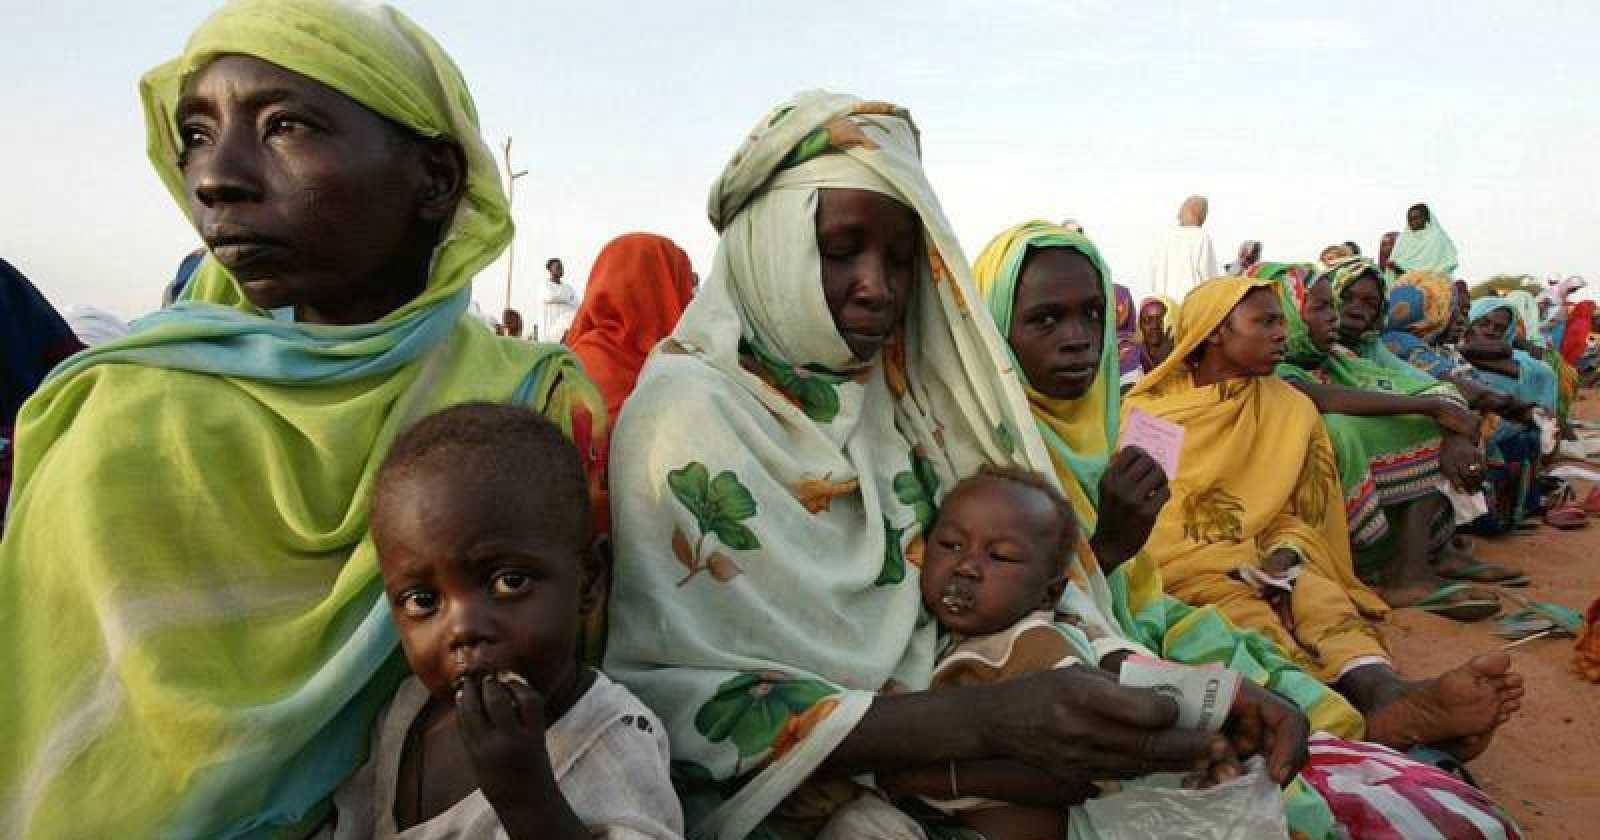 Representación de la pobreza en África central.